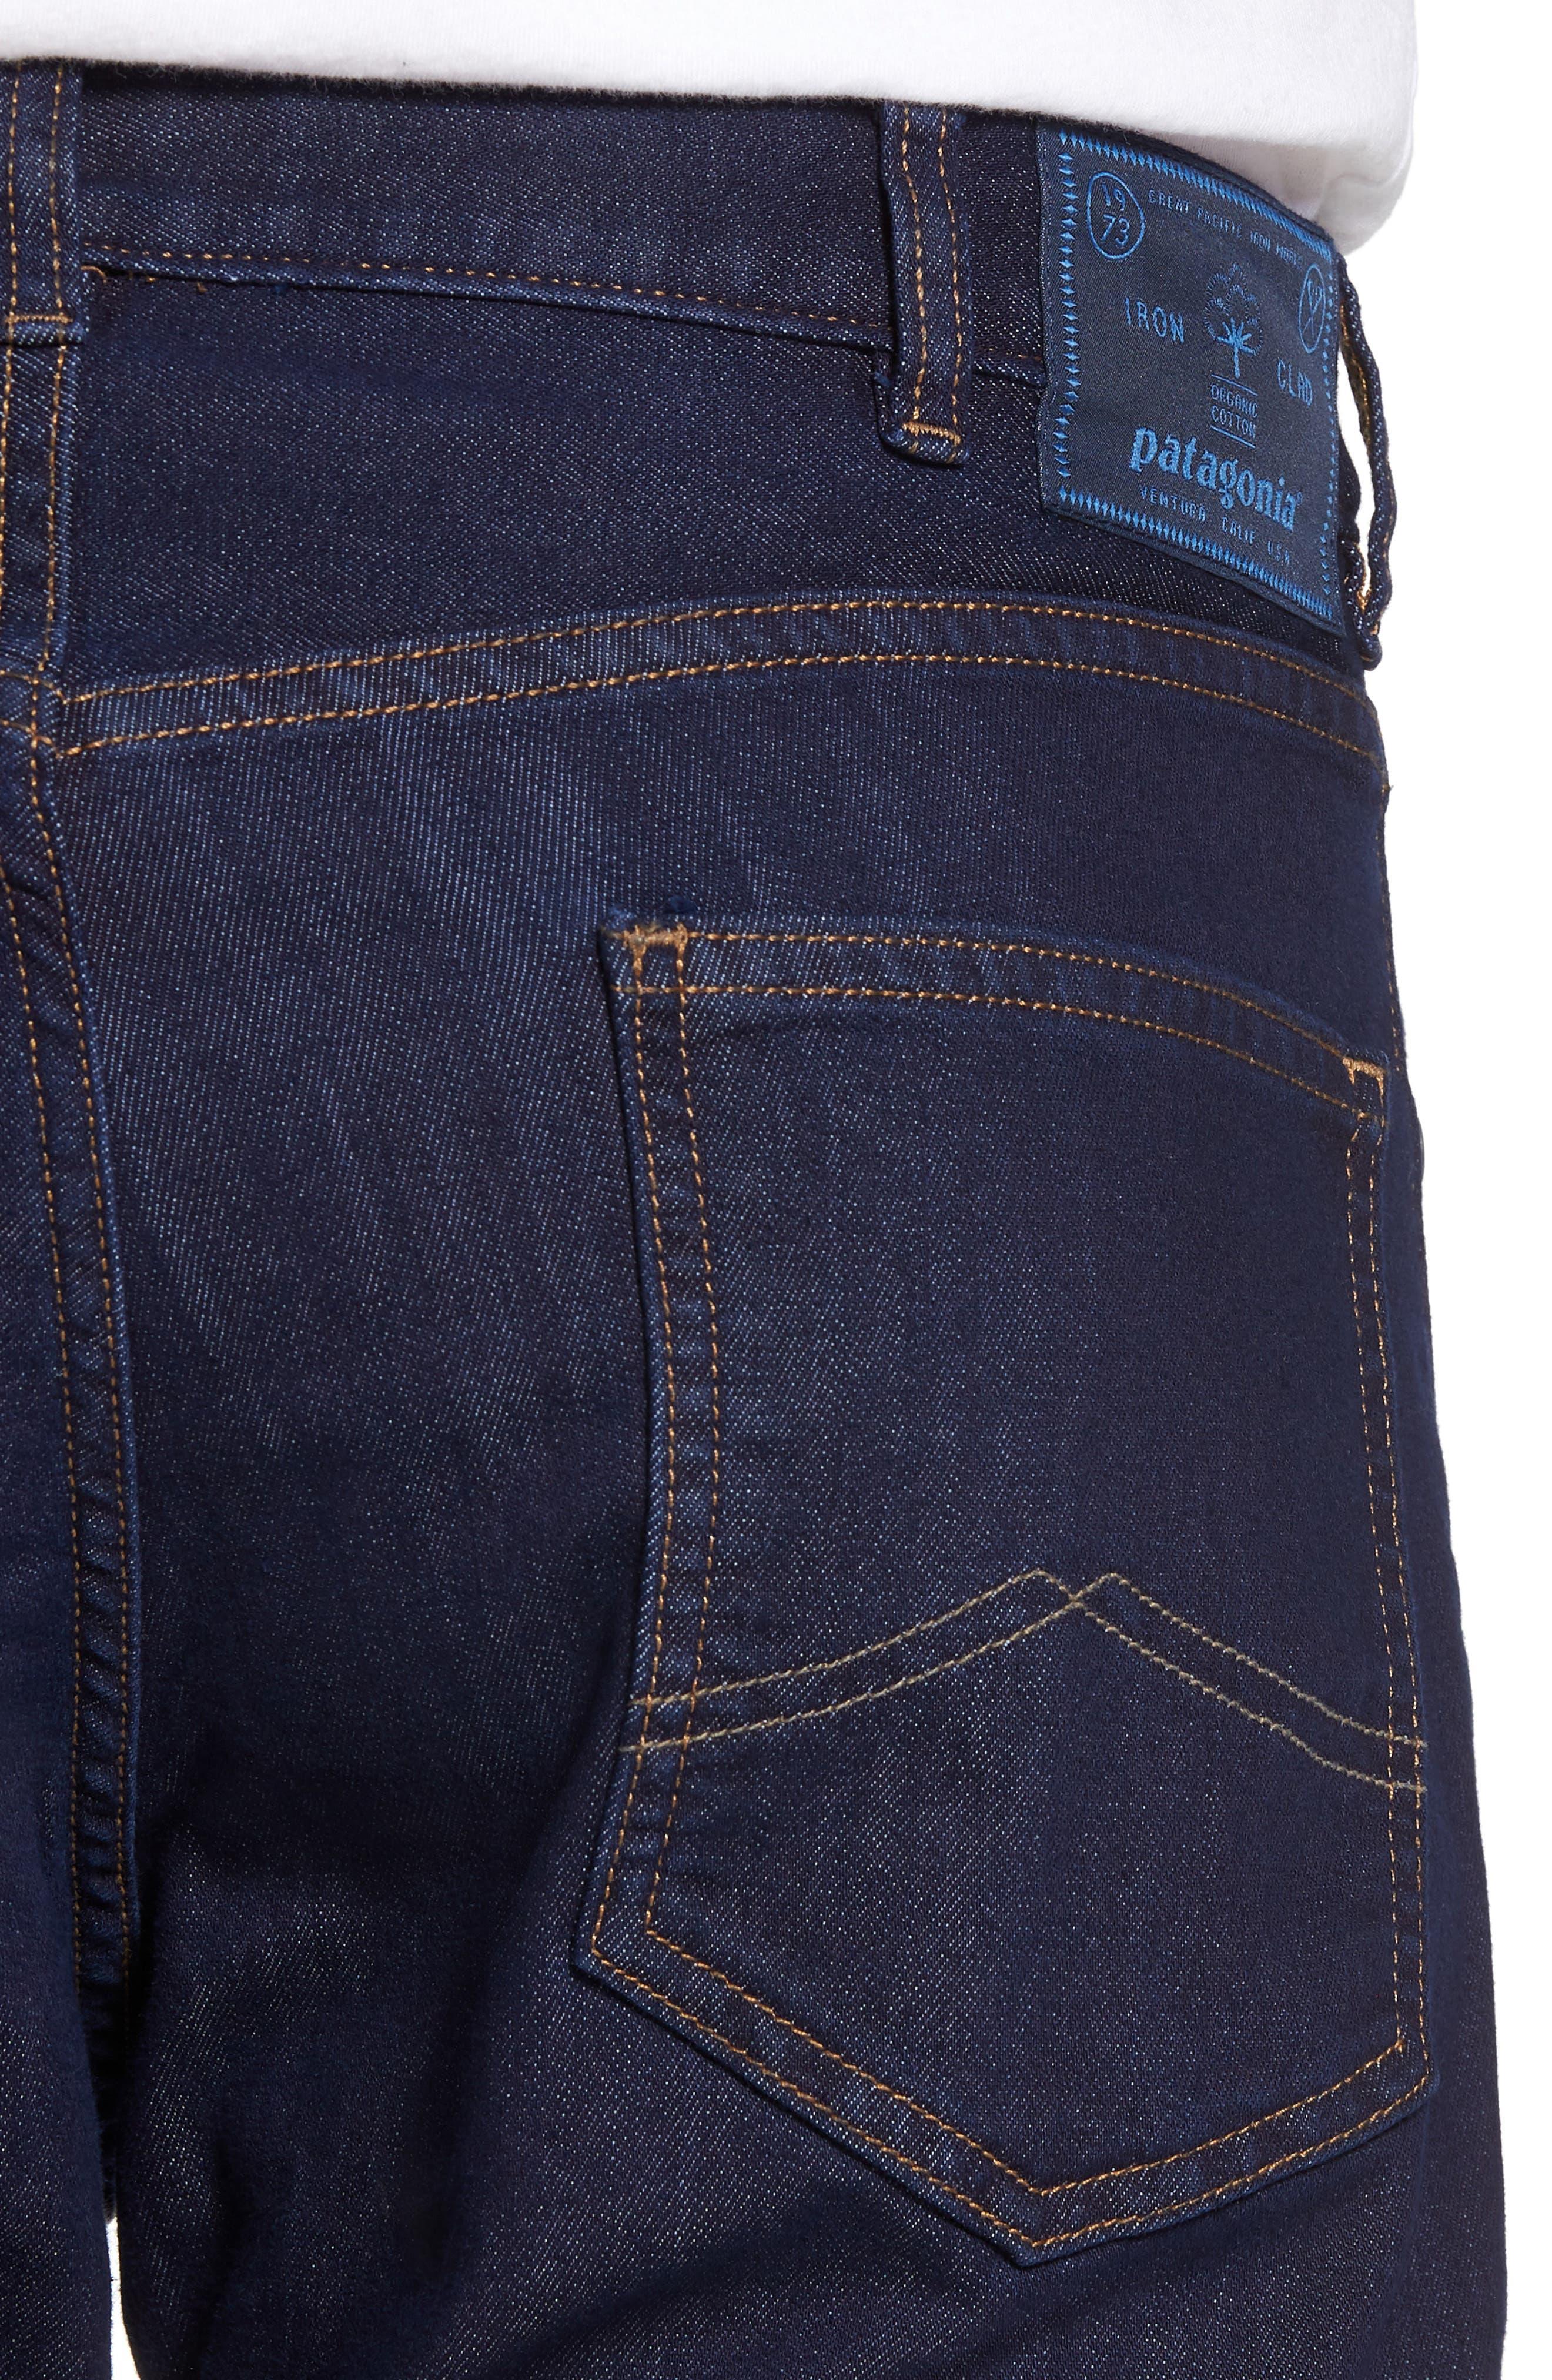 Straight Leg Performance Jeans,                             Alternate thumbnail 4, color,                             Dark Denim